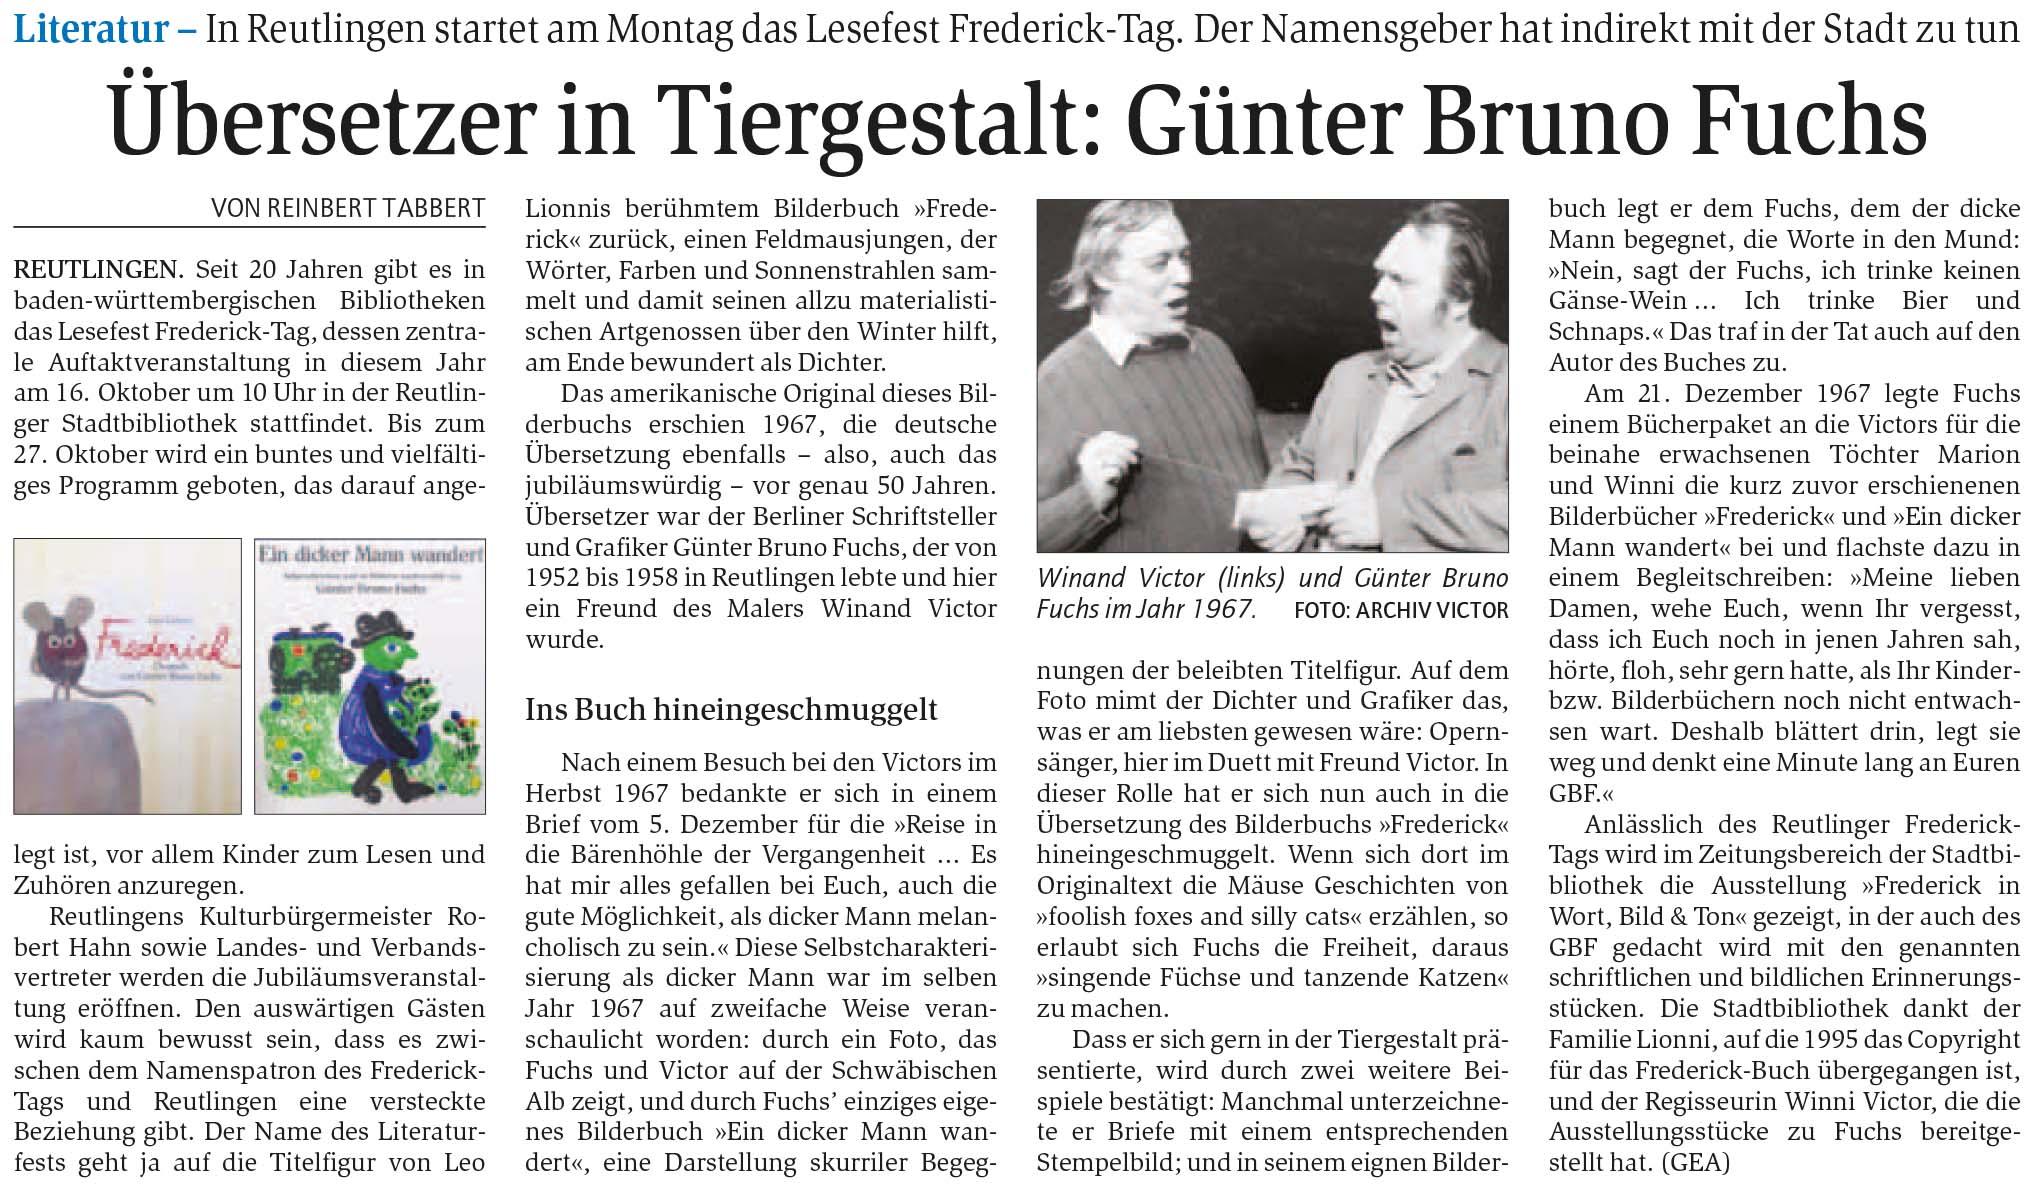 Übersetzer in Tiergestalt: Günter Bruno Fuchs